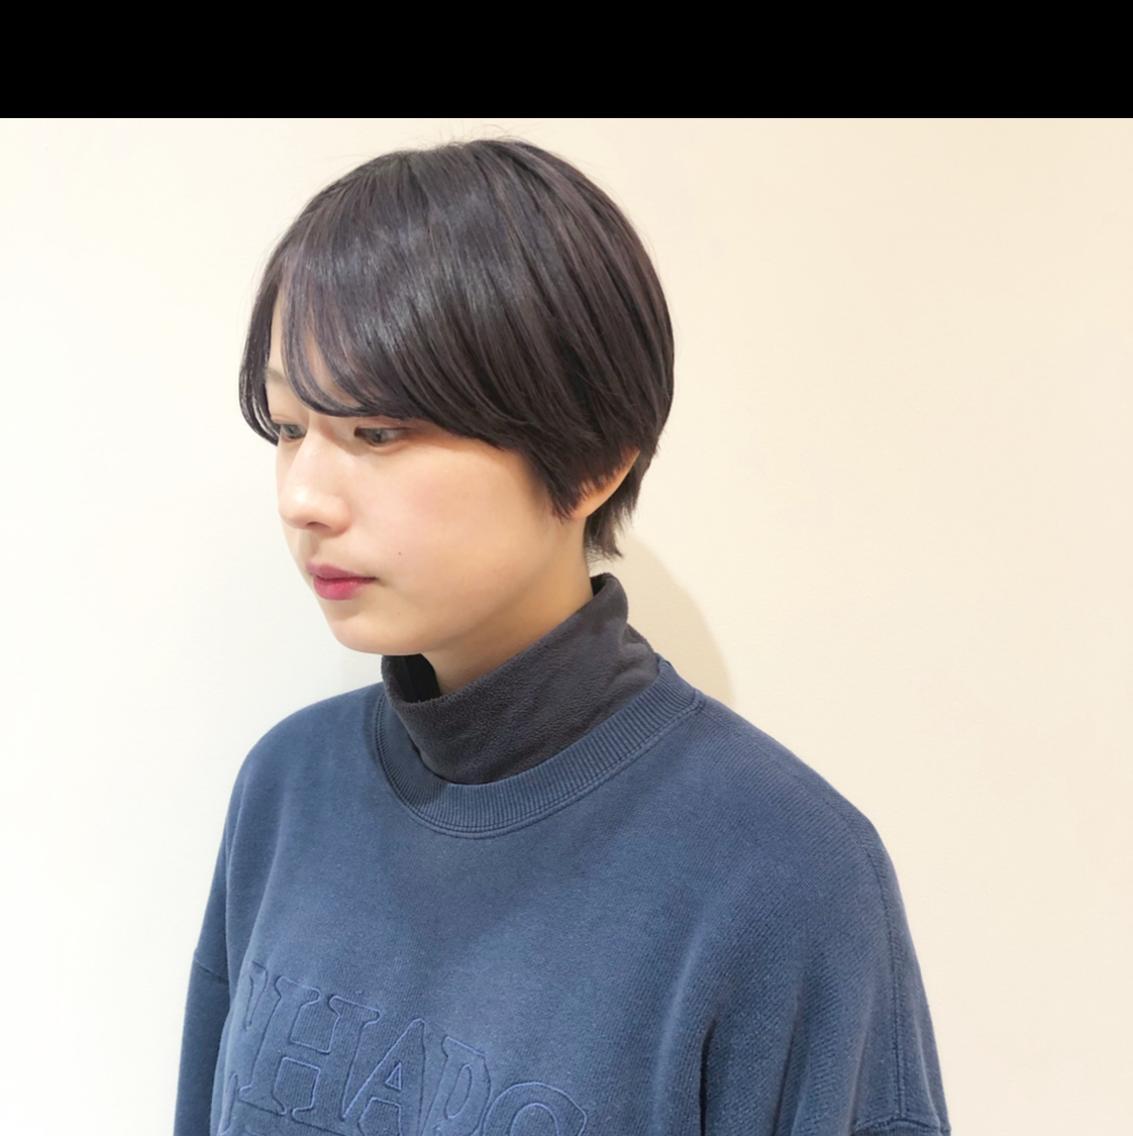 💗表参道&原宿サロン💗ハイトーンカラー/ホワイトカラー/カラーハイライト/デザインカラー/ナチュラルハイライト/ナチュラルカラー/メンズカット